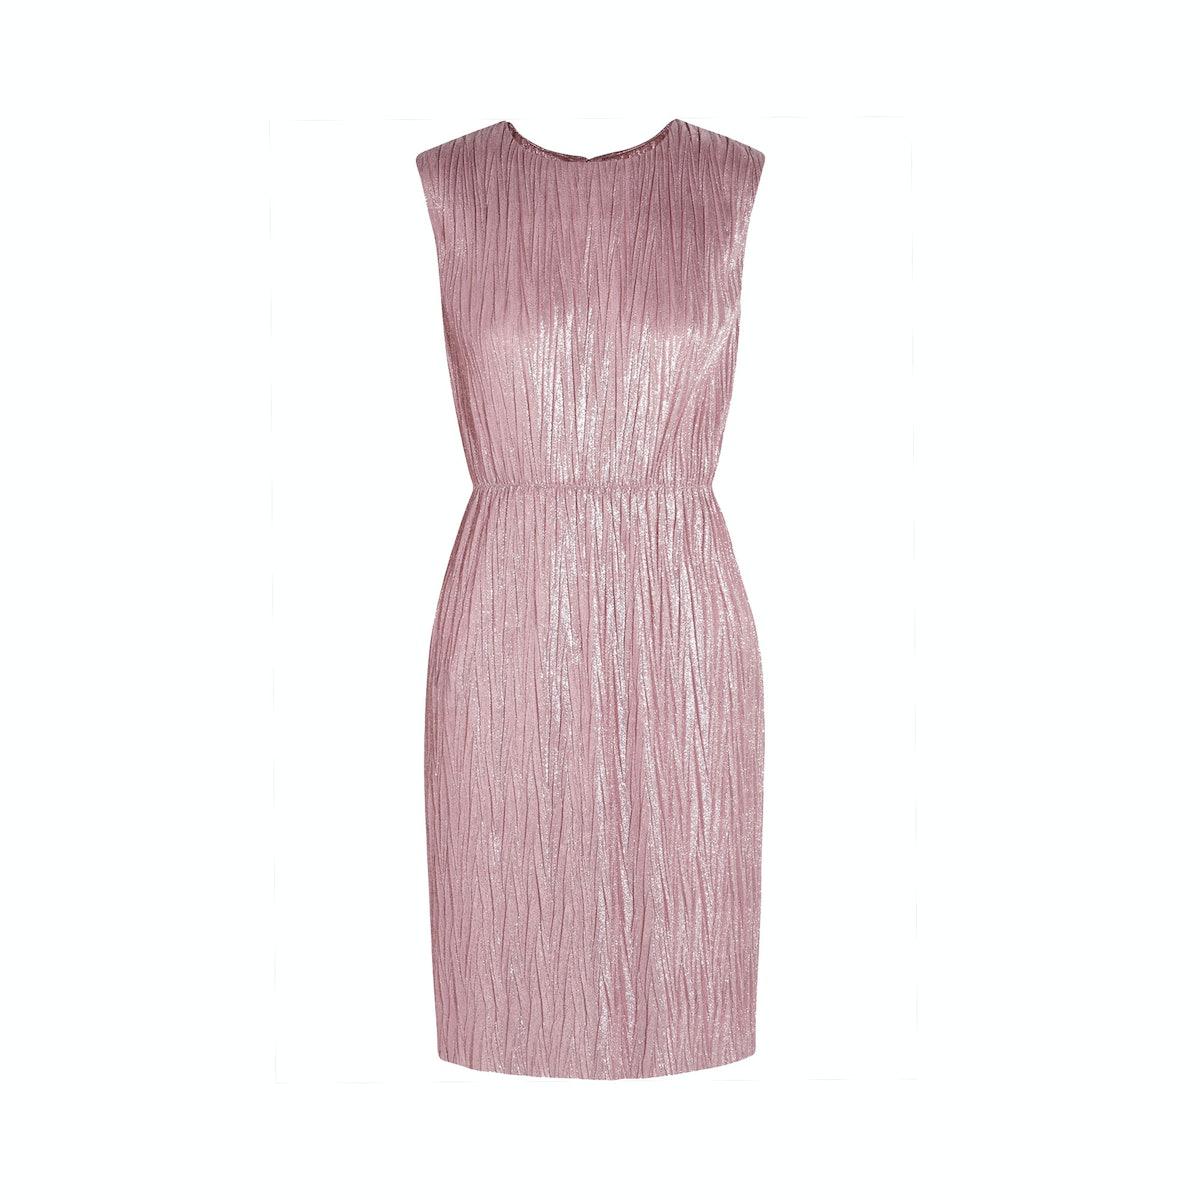 Gucci dress, $1,490, netaporter.com.